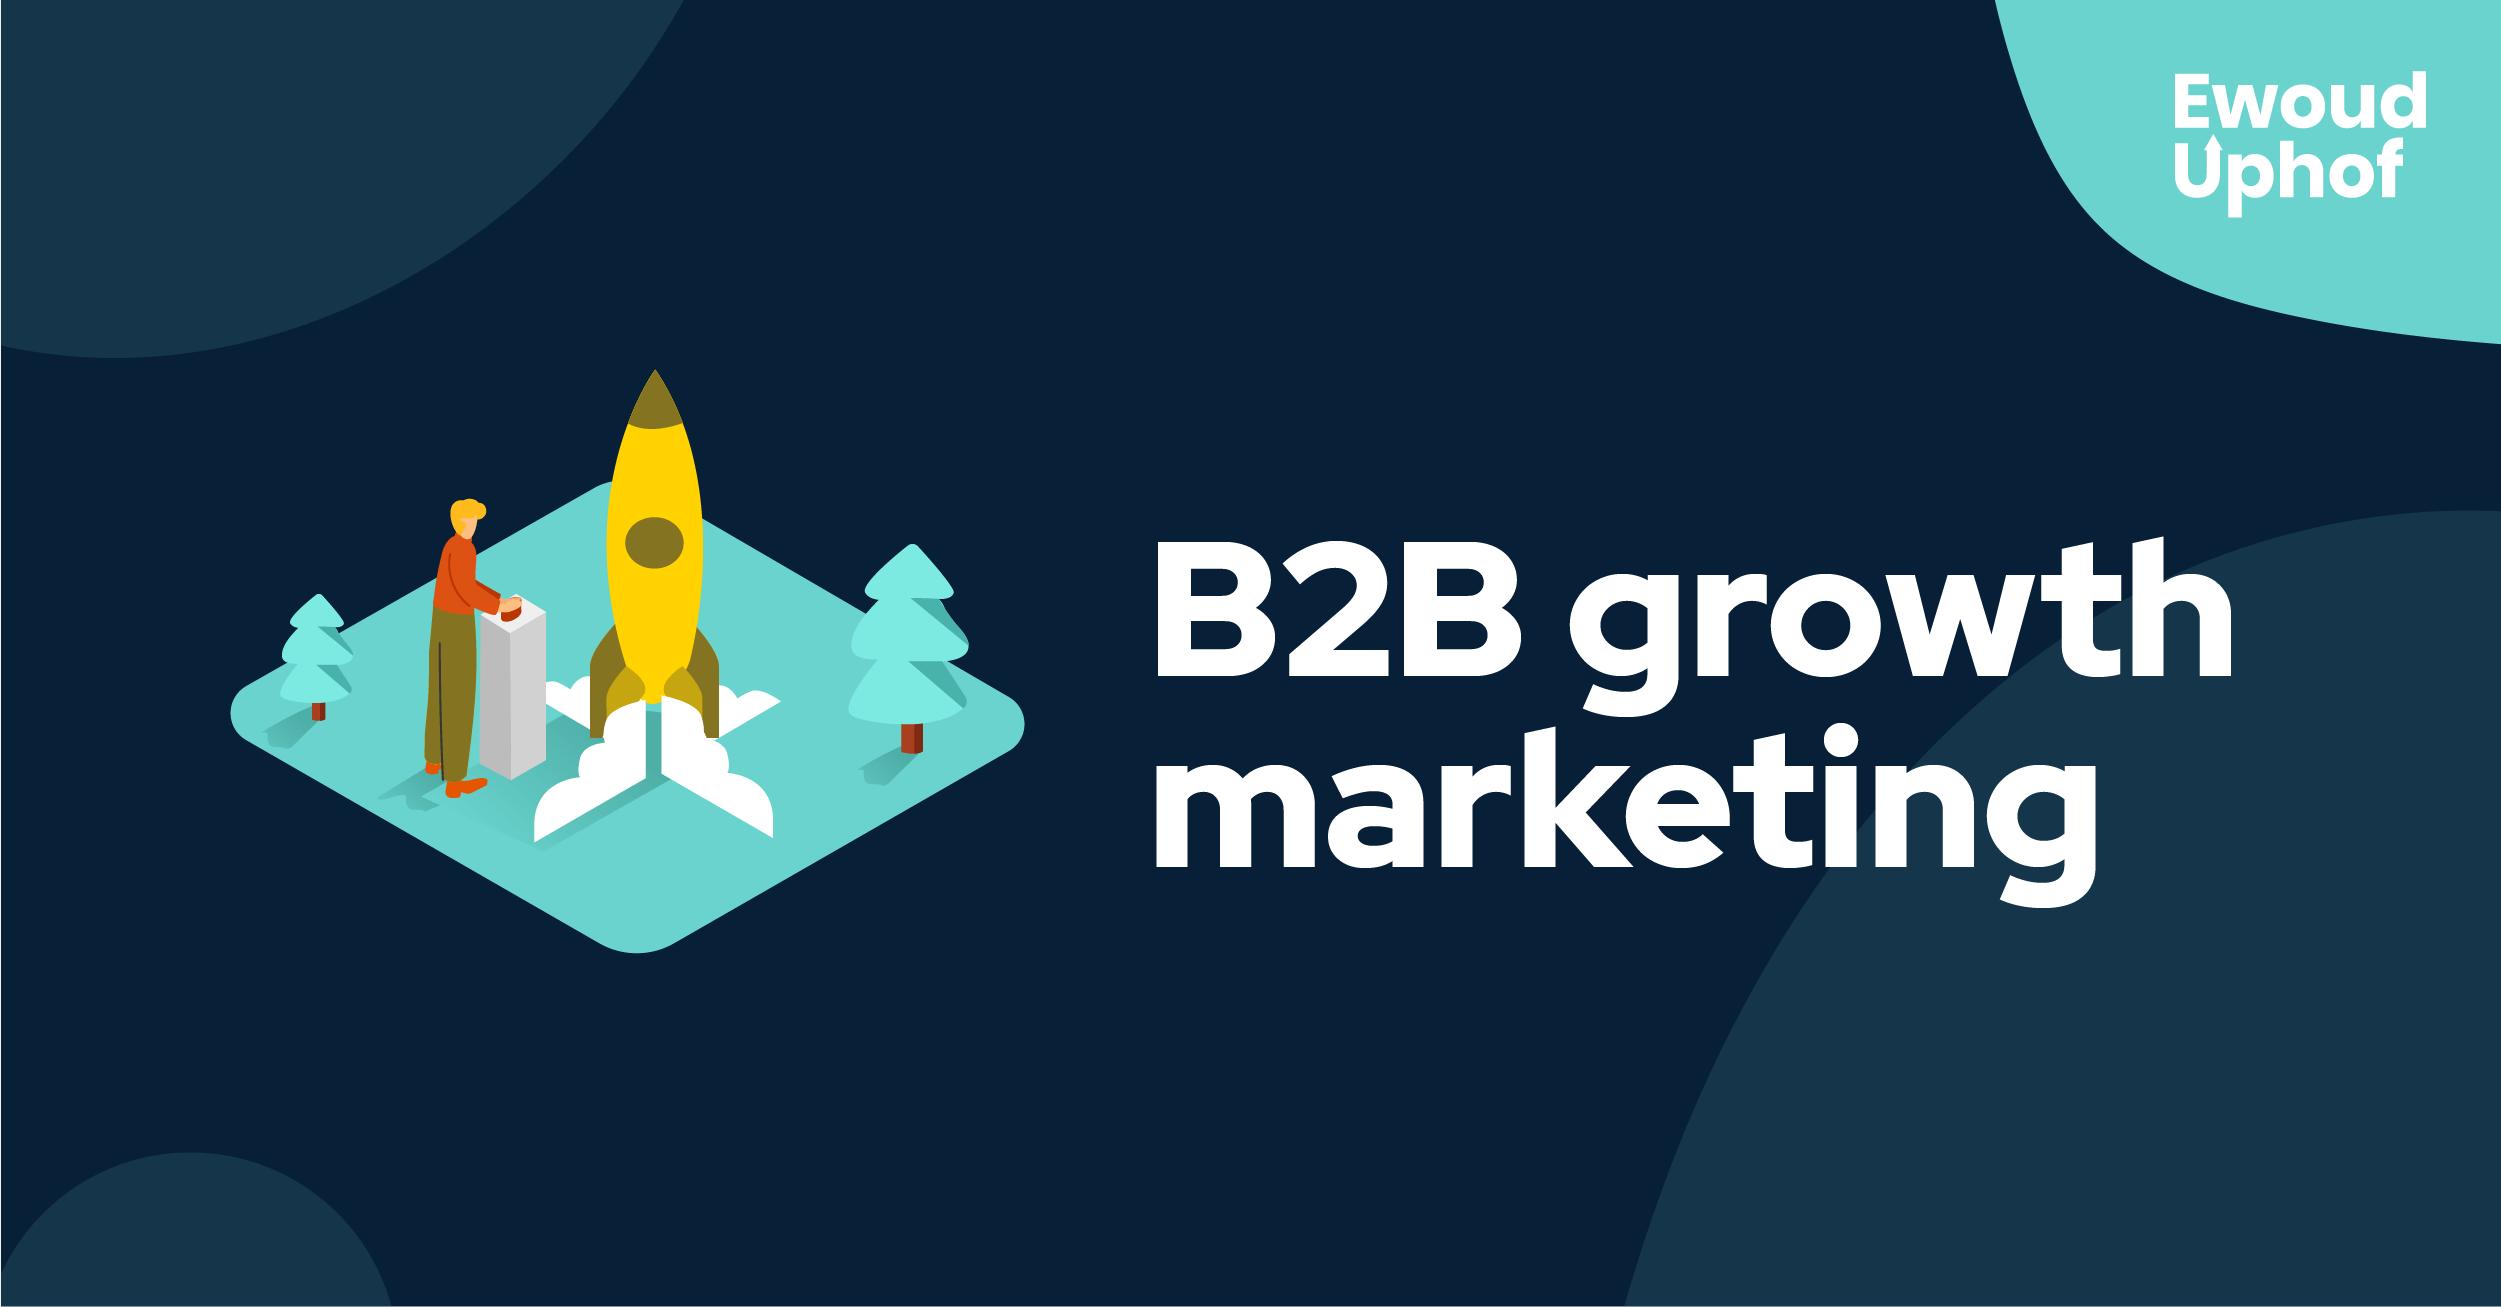 B2B growth marketing